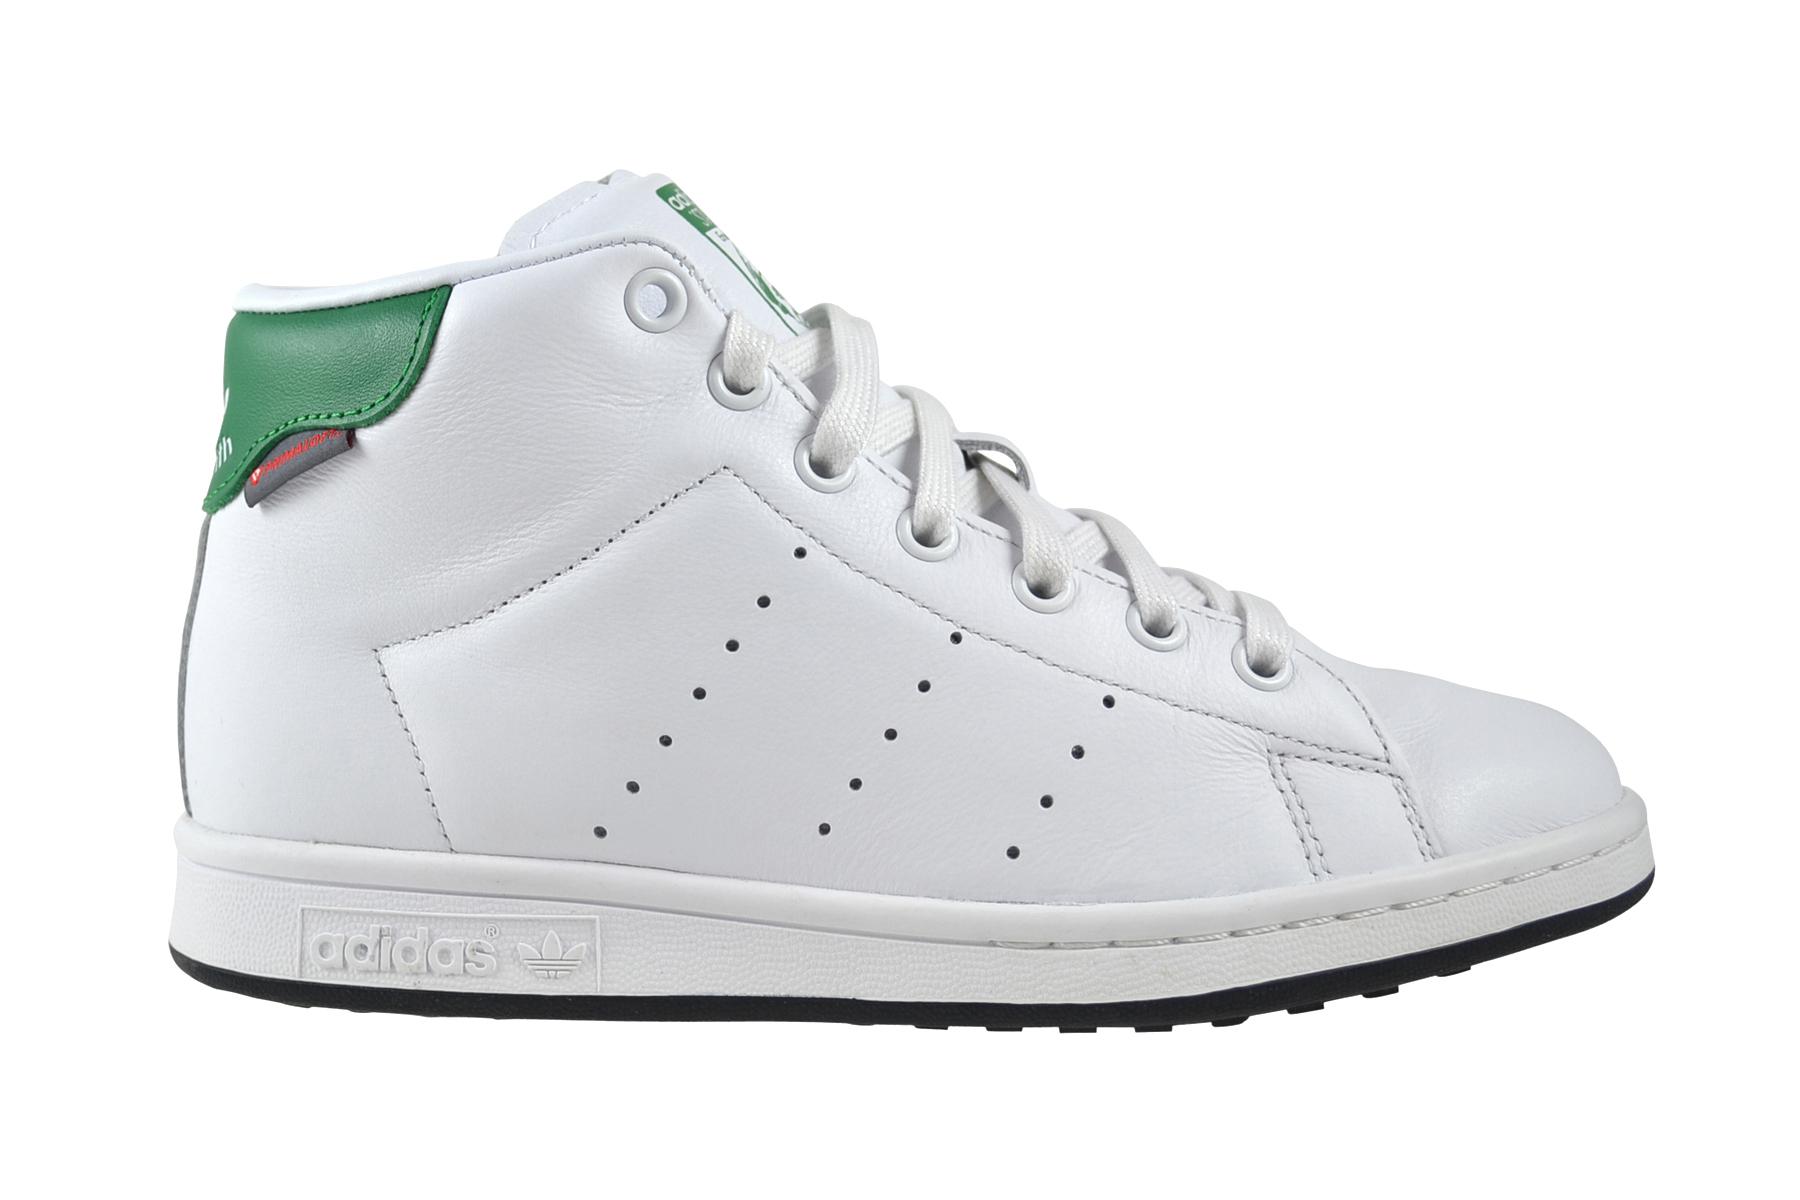 chaussures de séparation 700fb dda47 Détails sur Adidas Stan Smith mi Hiver Blanc Vert Chaussures Baskets Blanc  S80498